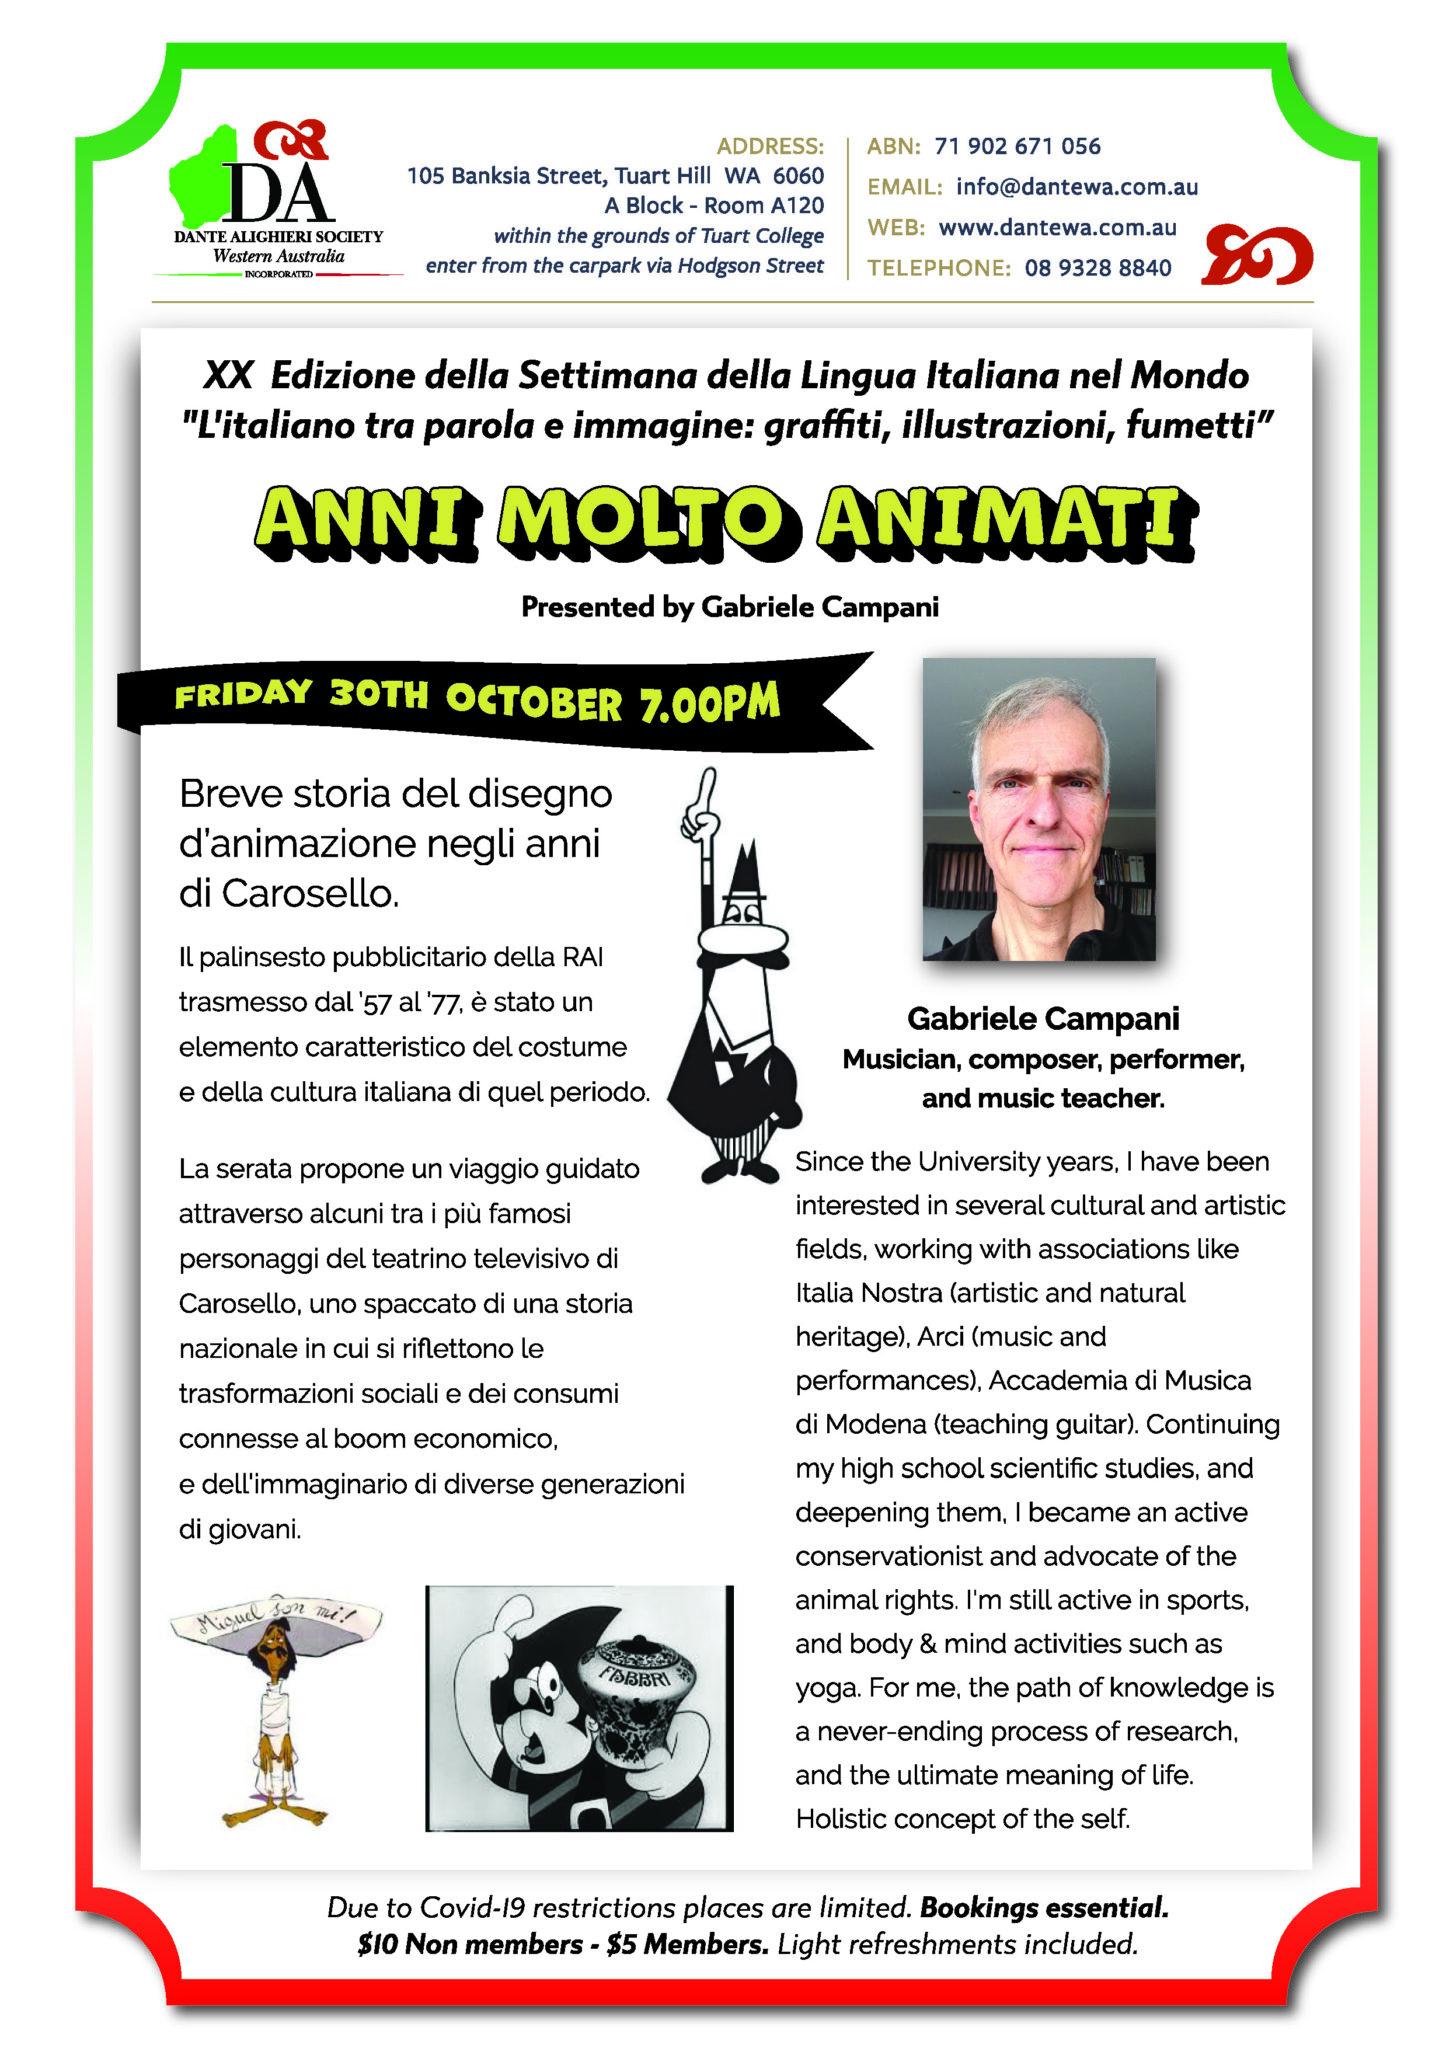 🟢⚪🔴 XX EDIZIONE DELLA SETTIMANA DELLA LINGUA ITALIANA NEL MONDO  🟢⚪🔴